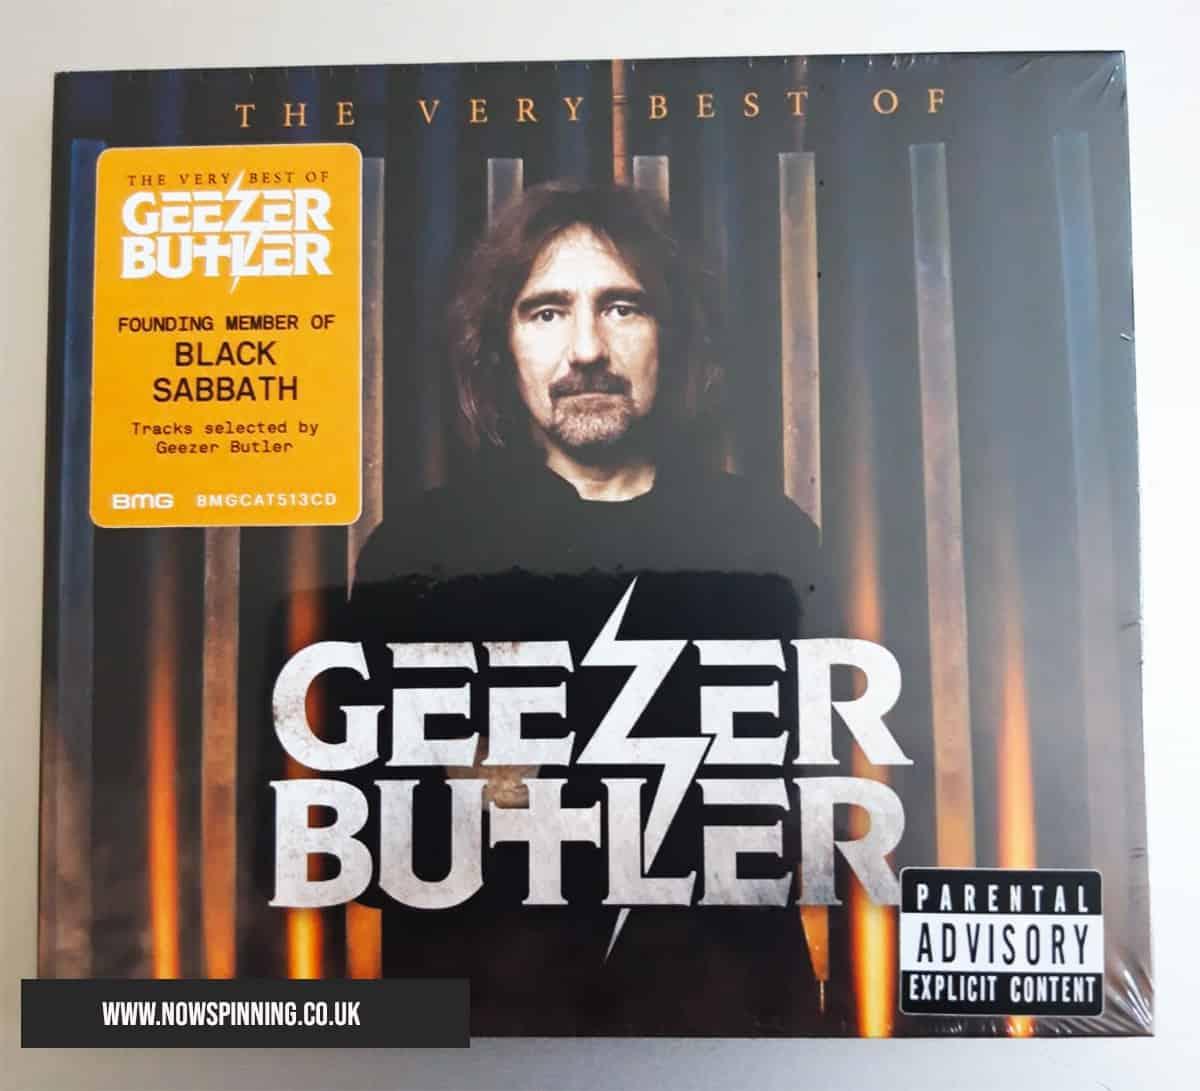 The Best of Geezer Butler